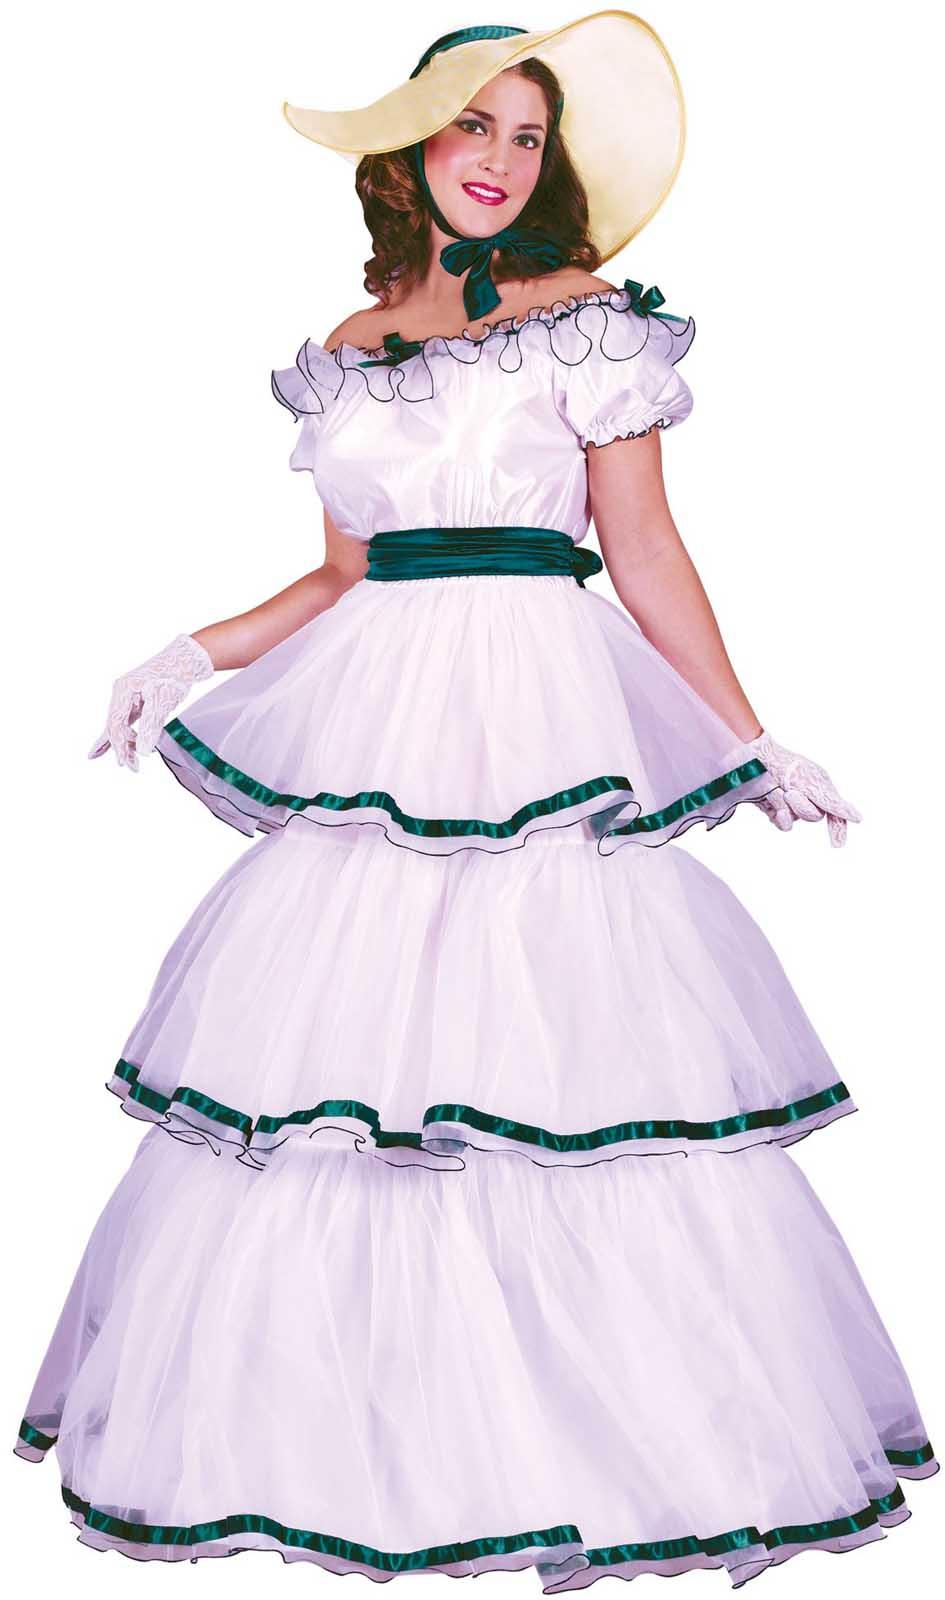 Hoop Skirt Costume 45